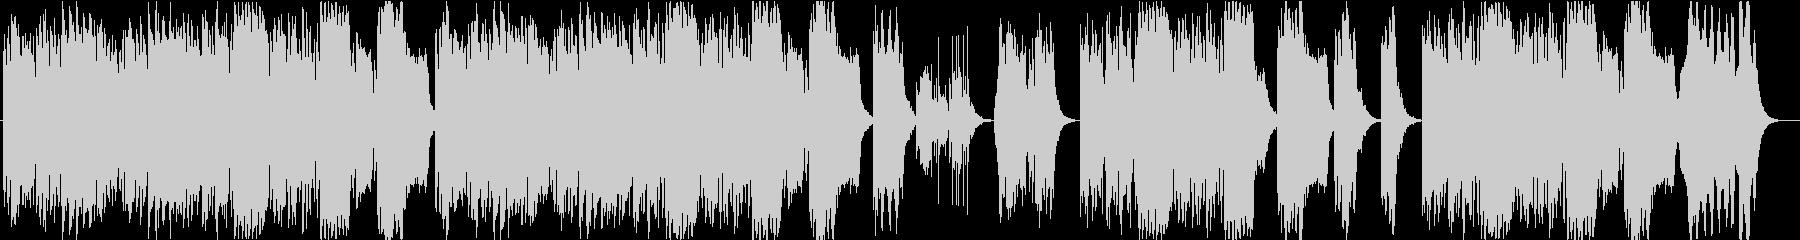 コミカルなメロディがかわいいフルートの未再生の波形